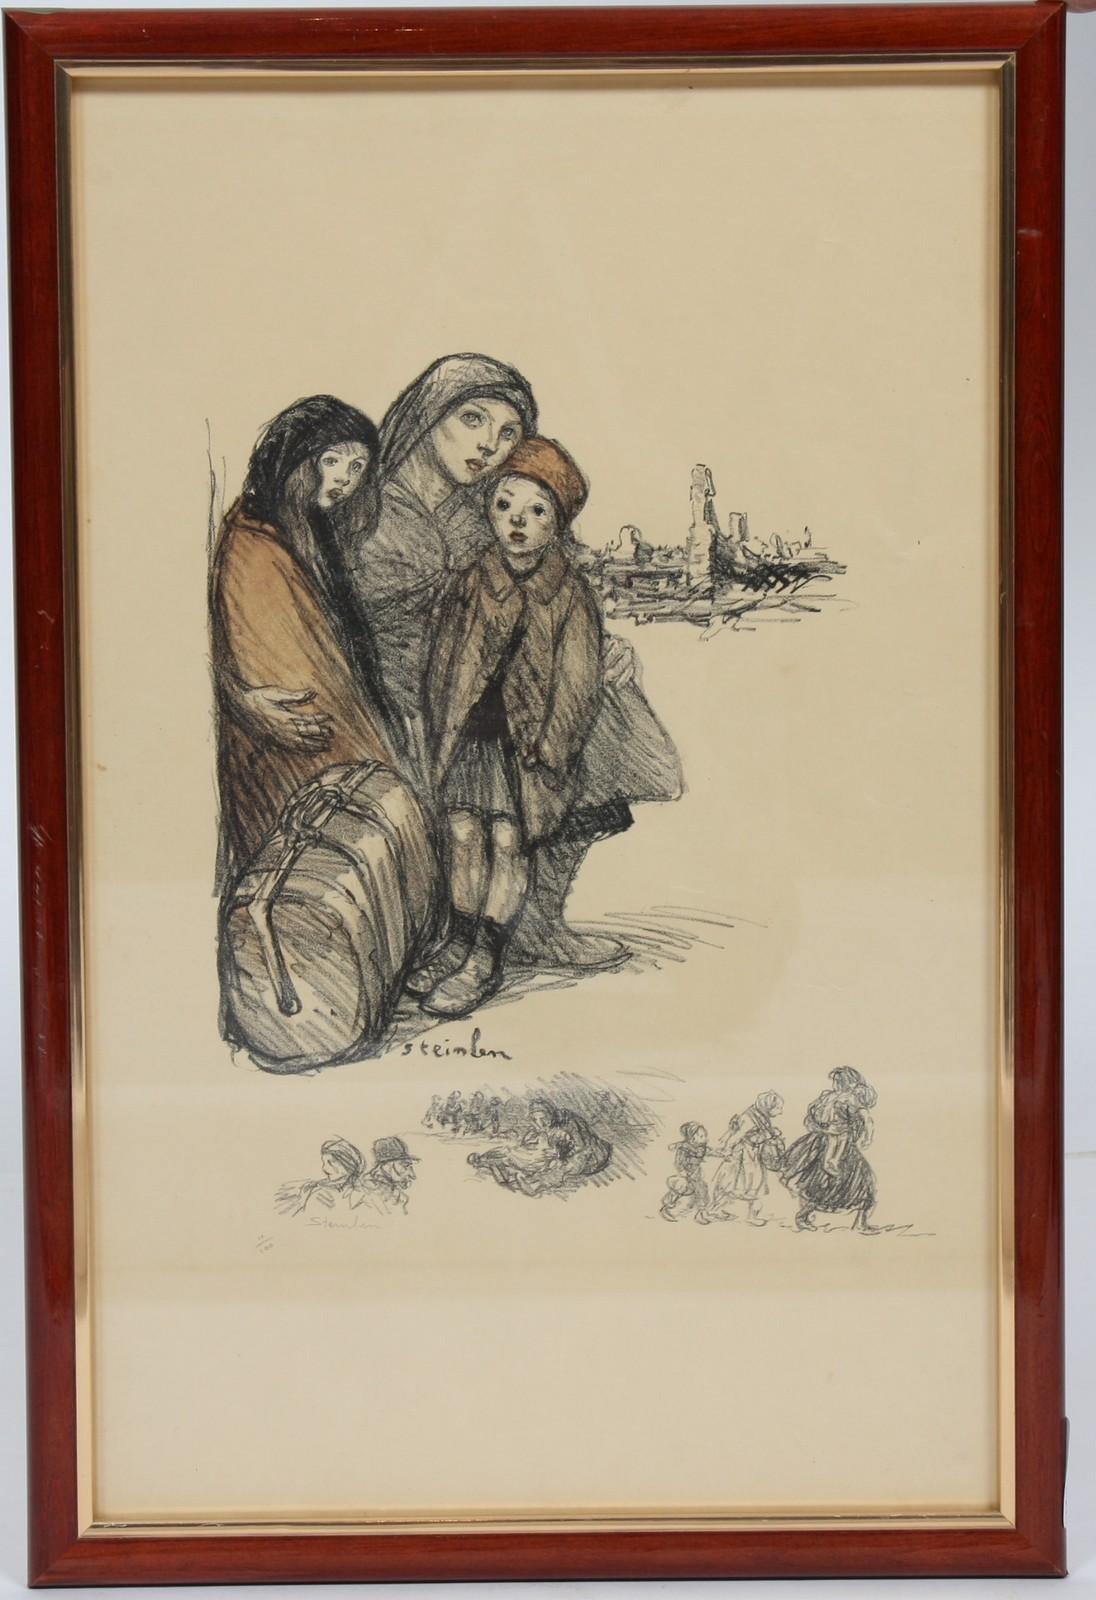 LITHOGRAPHIE DE STEINLEN En couleurs, encadrée, représentant une mère et ses deux enfants devant des